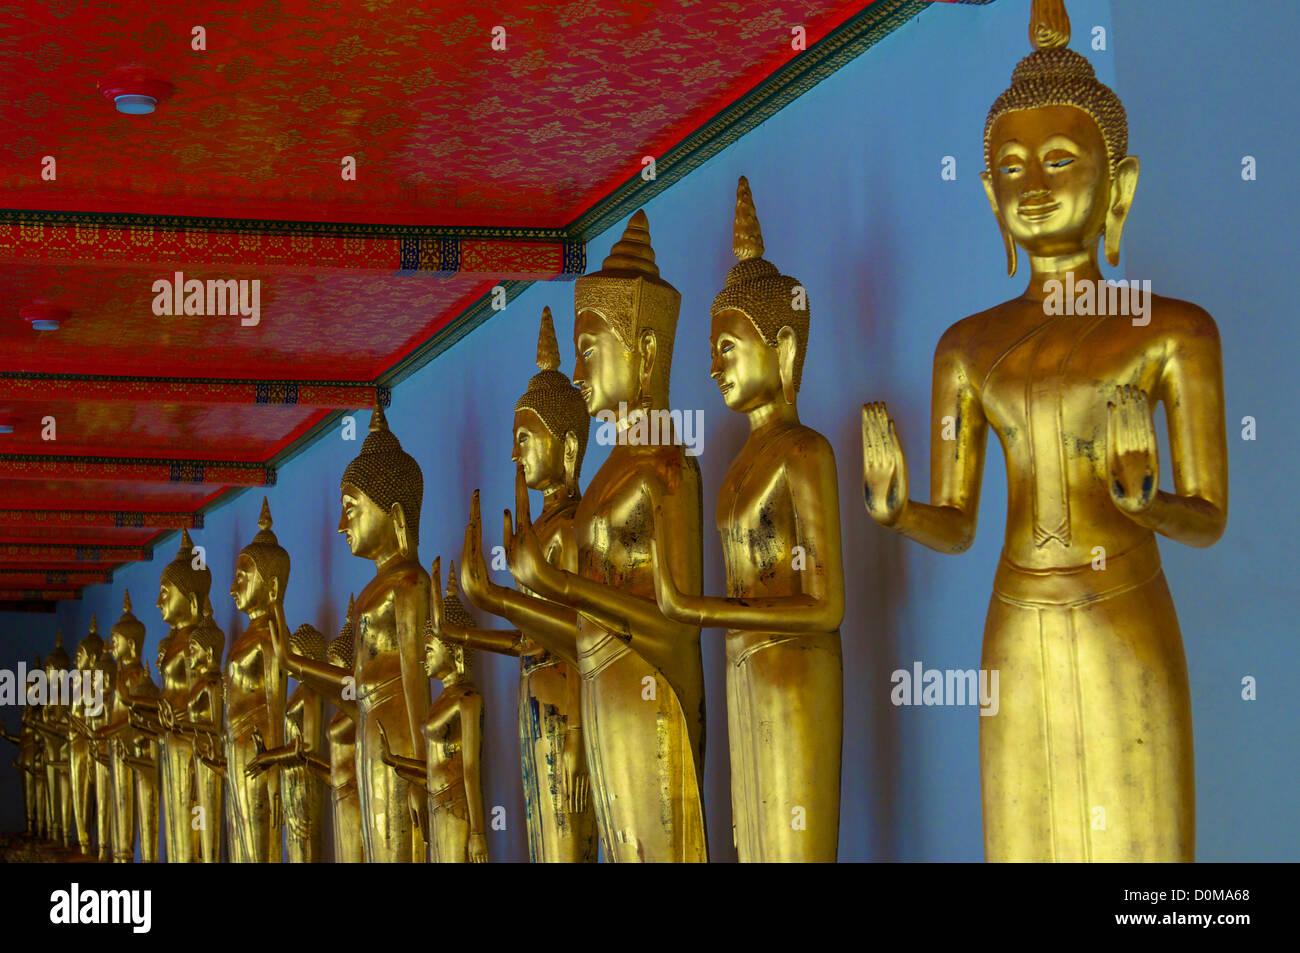 La main d'or du Bouddha dans le temple de Wat Pho à Bangkok Banque D'Images